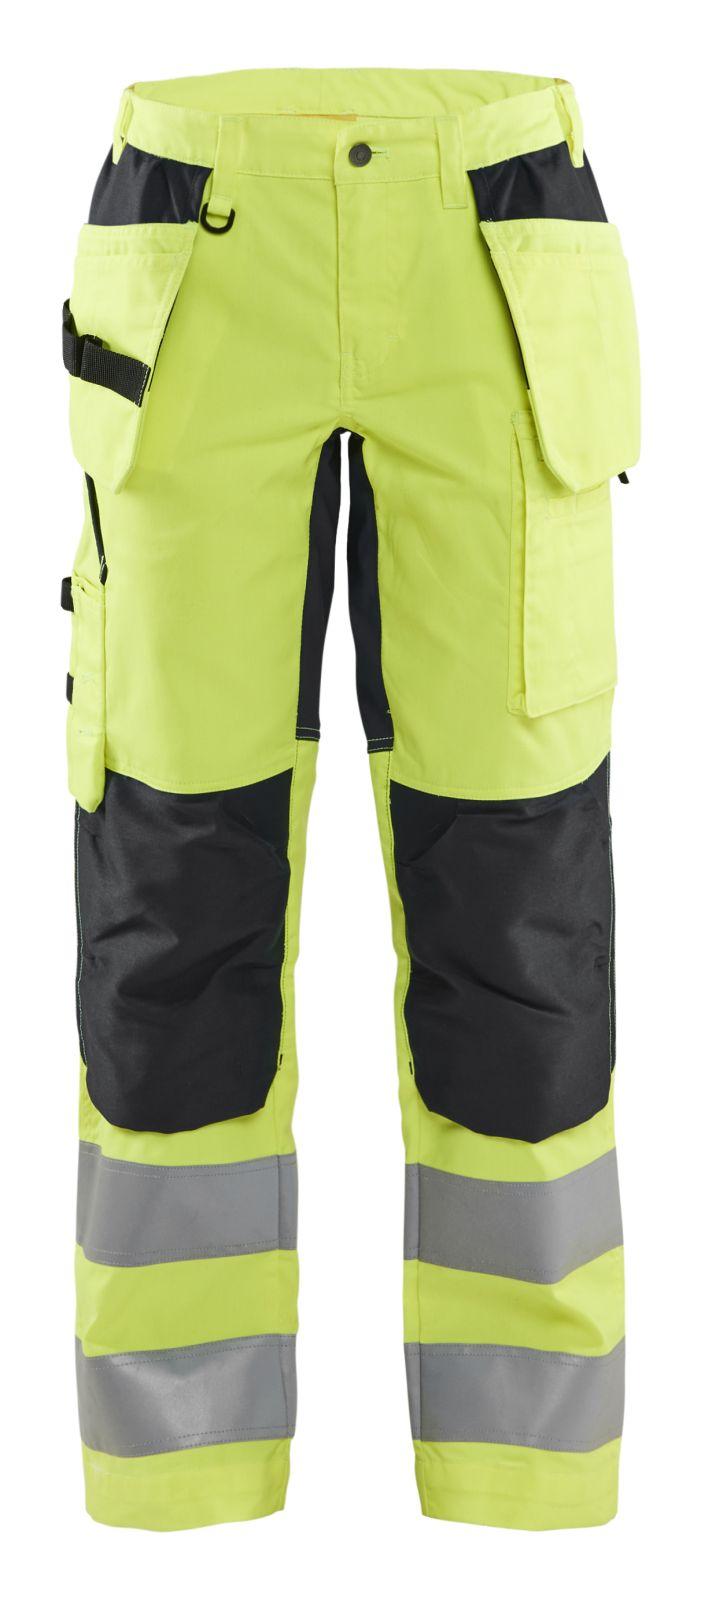 Blaklader Broeken 71631811 High Vis fluo geel-zwart(3399)